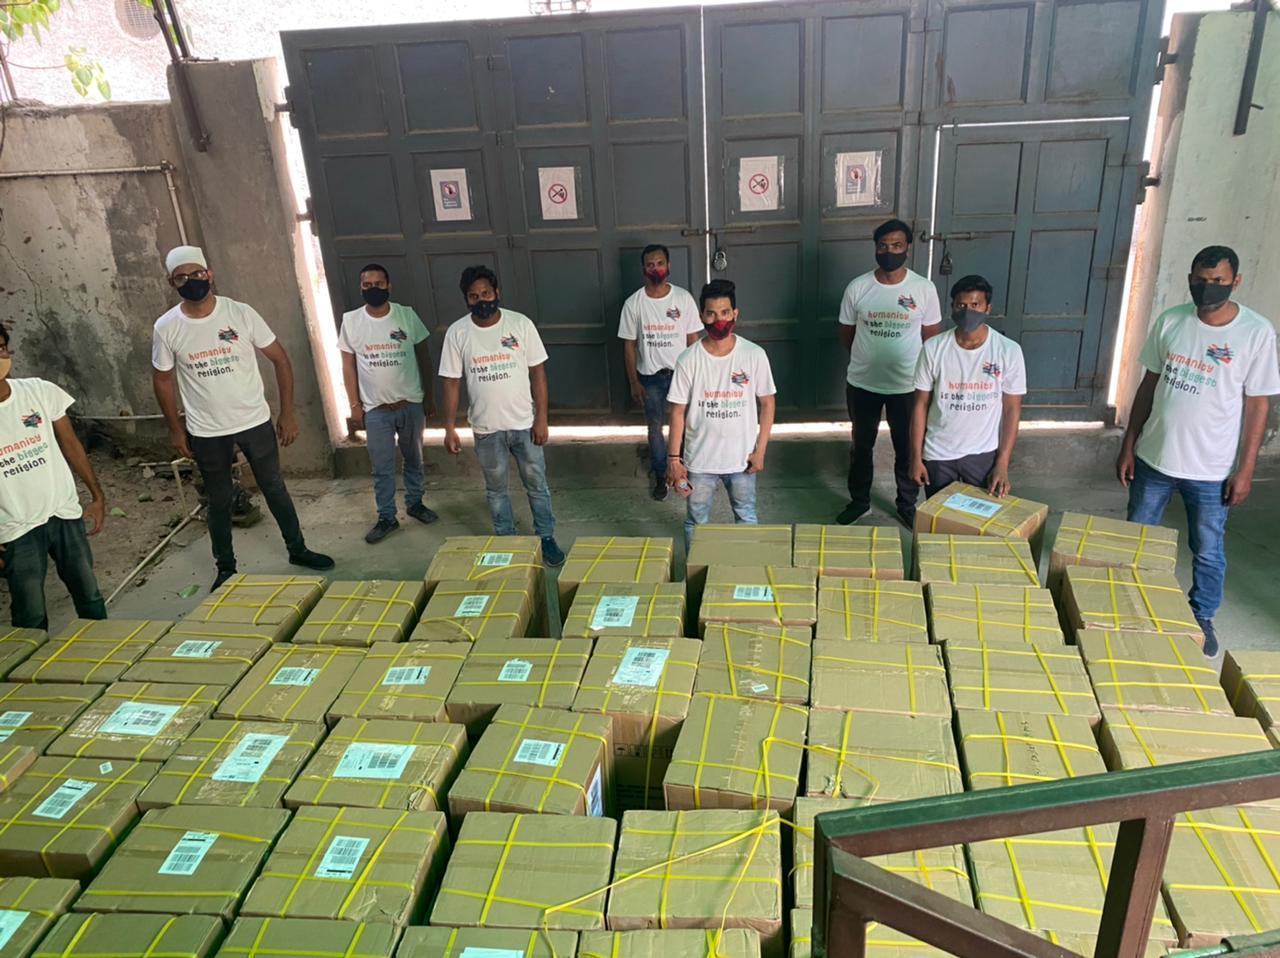 कोरोना पीड़ितों की मदद के लिए वरुण धवन जुड़े मिशन ऑक्सीजन इंडिया से, अस्पतालों को पहुंचा रहे हैं ऑक्सिजन कॉन्सेंट्रेटर